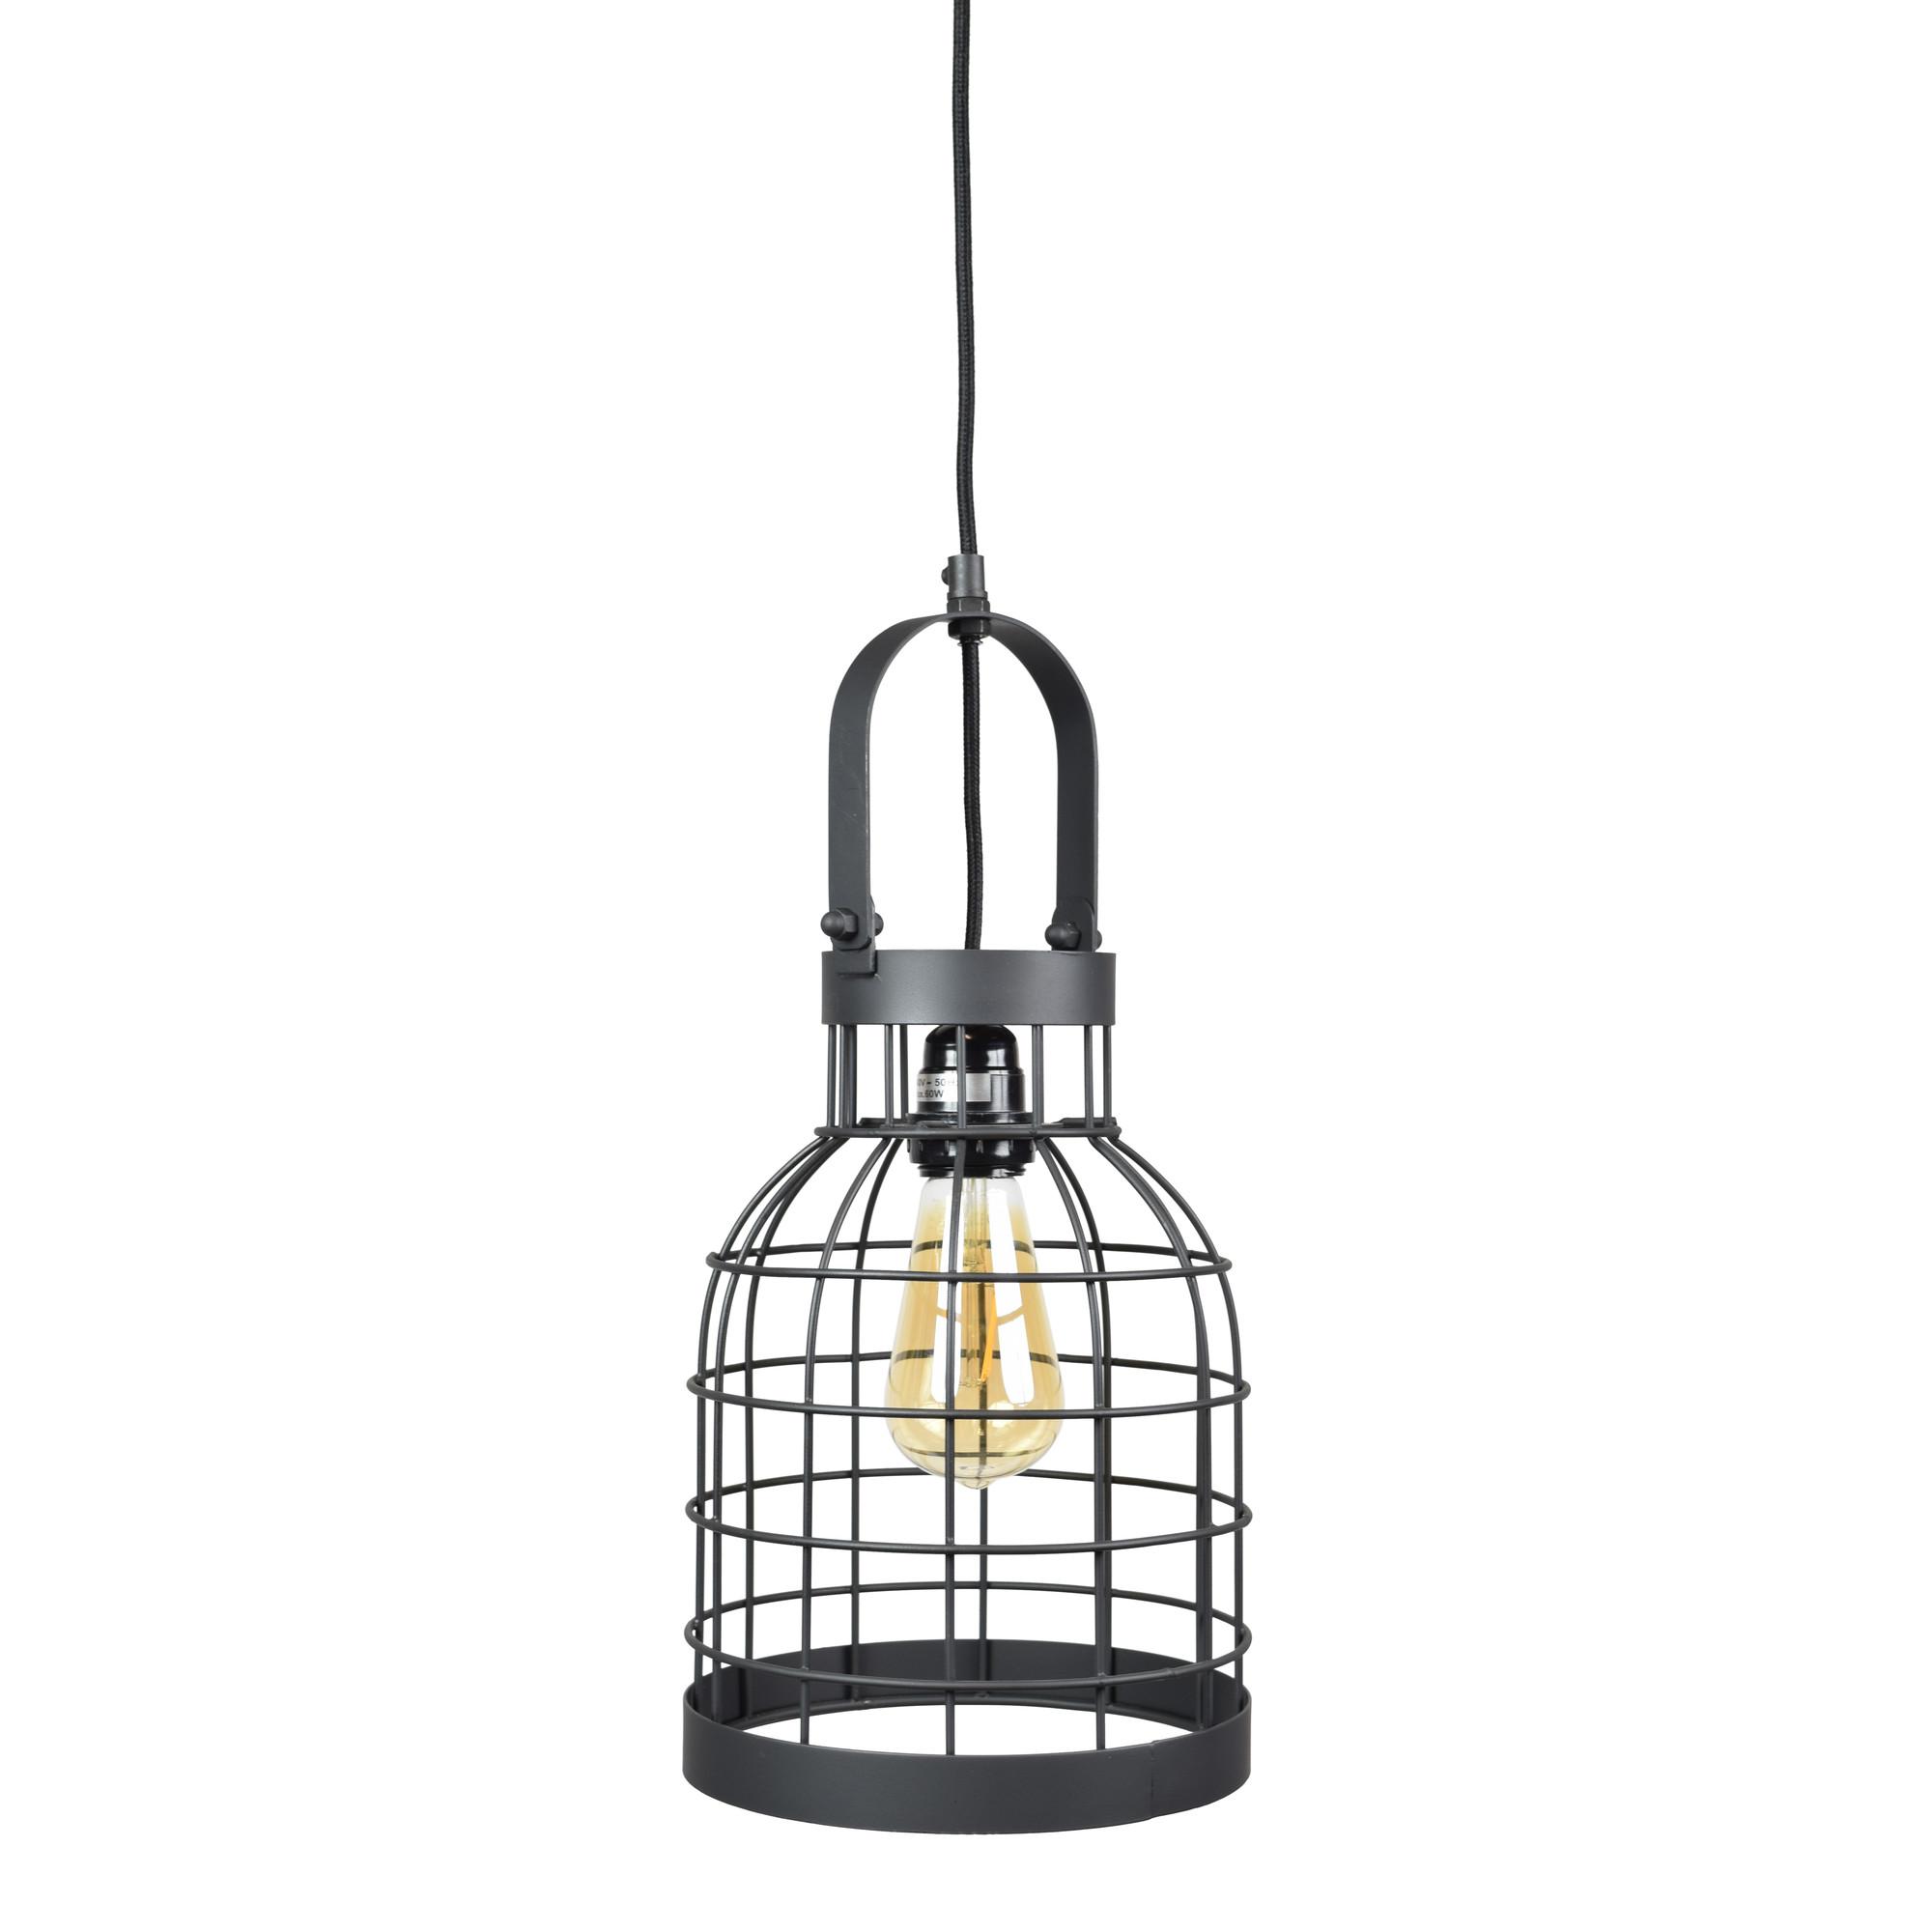 Urban Interiors hanglamp 'Bucket Small' 20cm, kleur Zwart Verlichting | Hanglampen kopen